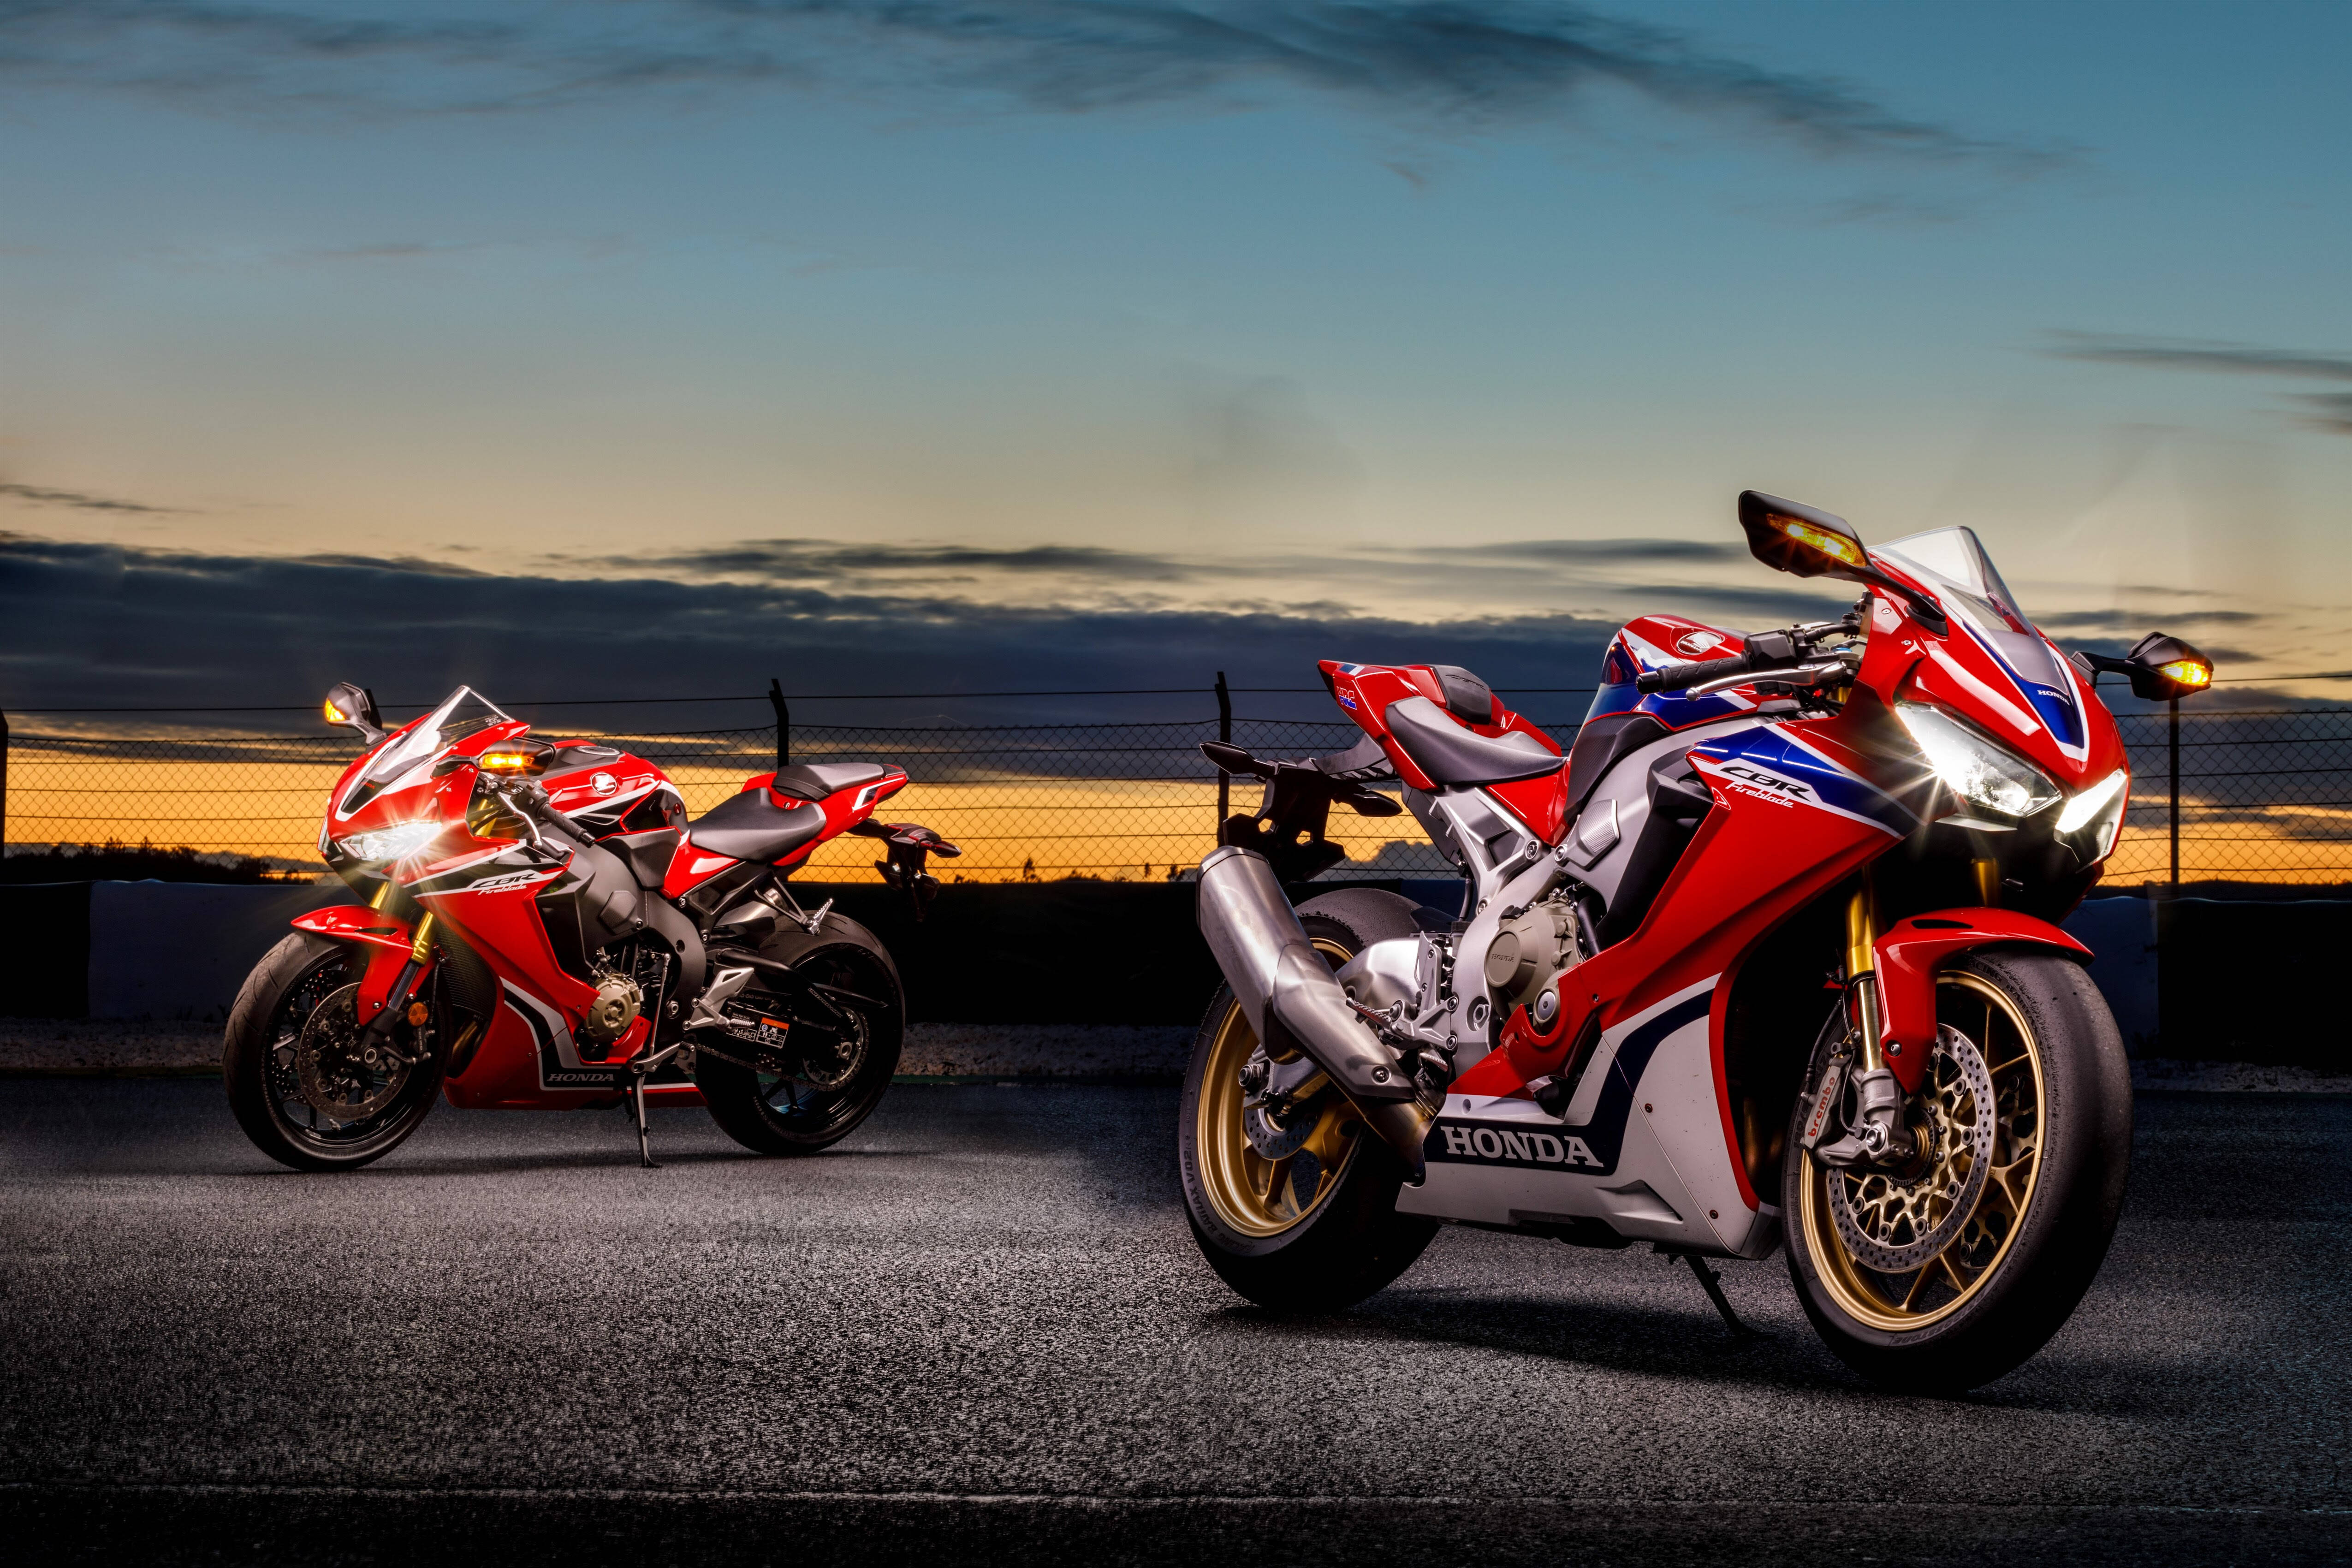 Honda CBR1000RR 2017: a moto não mudou muito no visual, mas promete entregar mais eportividade e performance. Foto: Divulgação